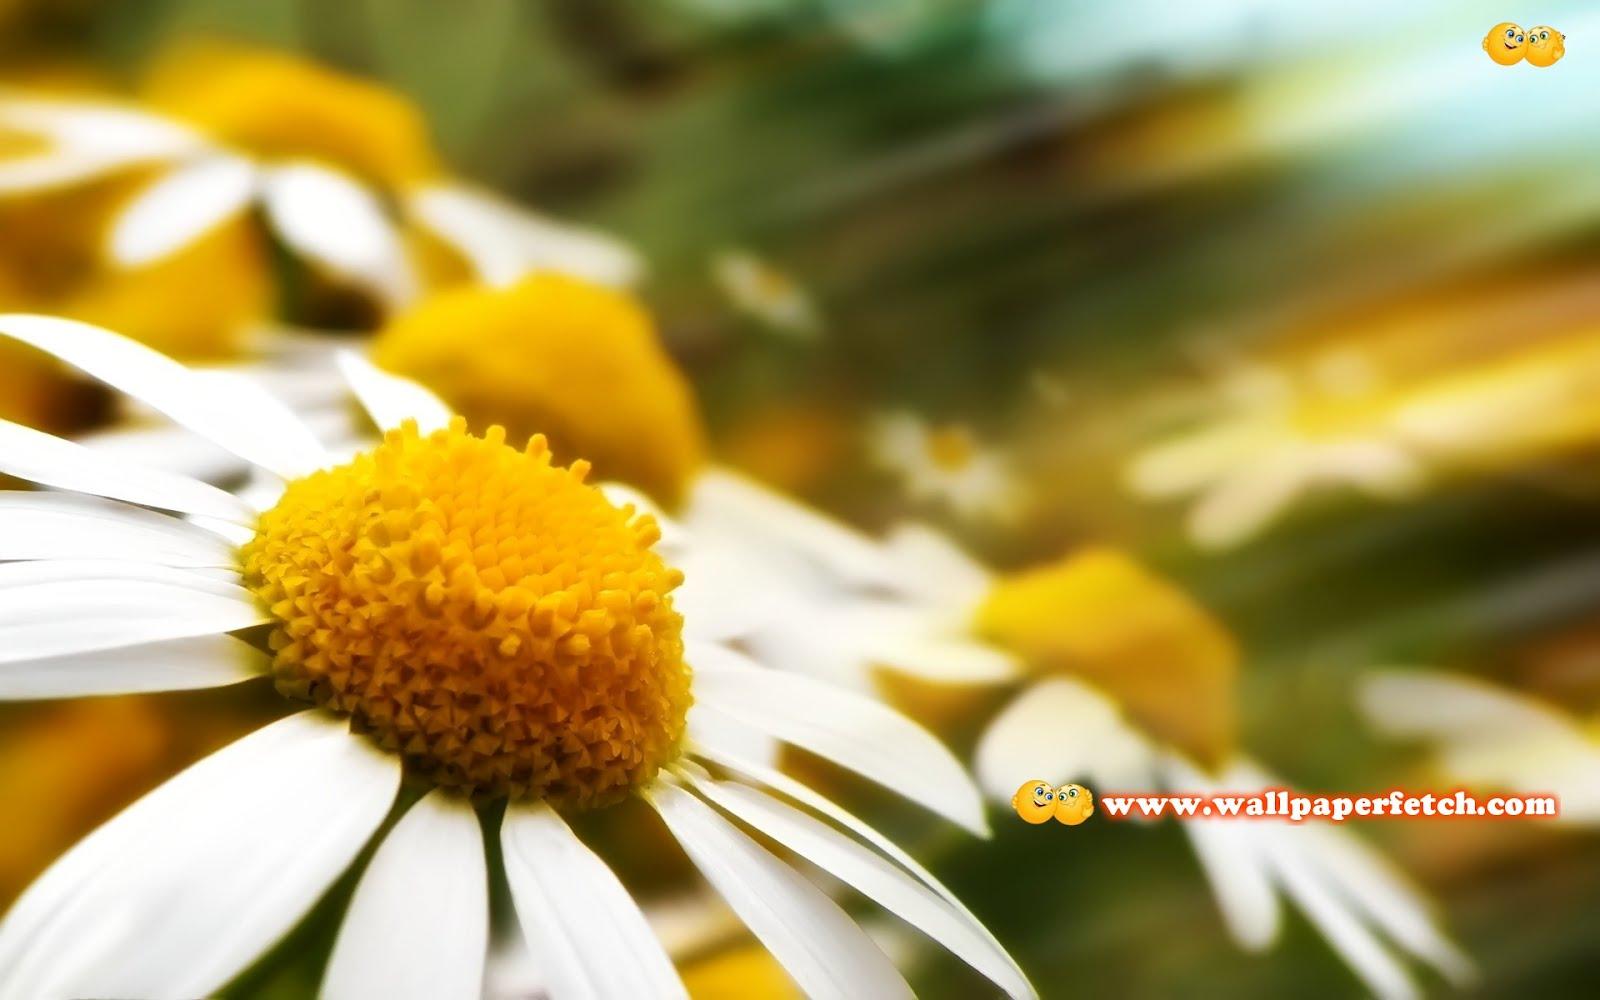 http://2.bp.blogspot.com/-l84Bmhm8ENA/T1FMwl0YC9I/AAAAAAAANSE/GkRqaQ-9mqY/s1600/chamomile-9428-1920x1200.jpg